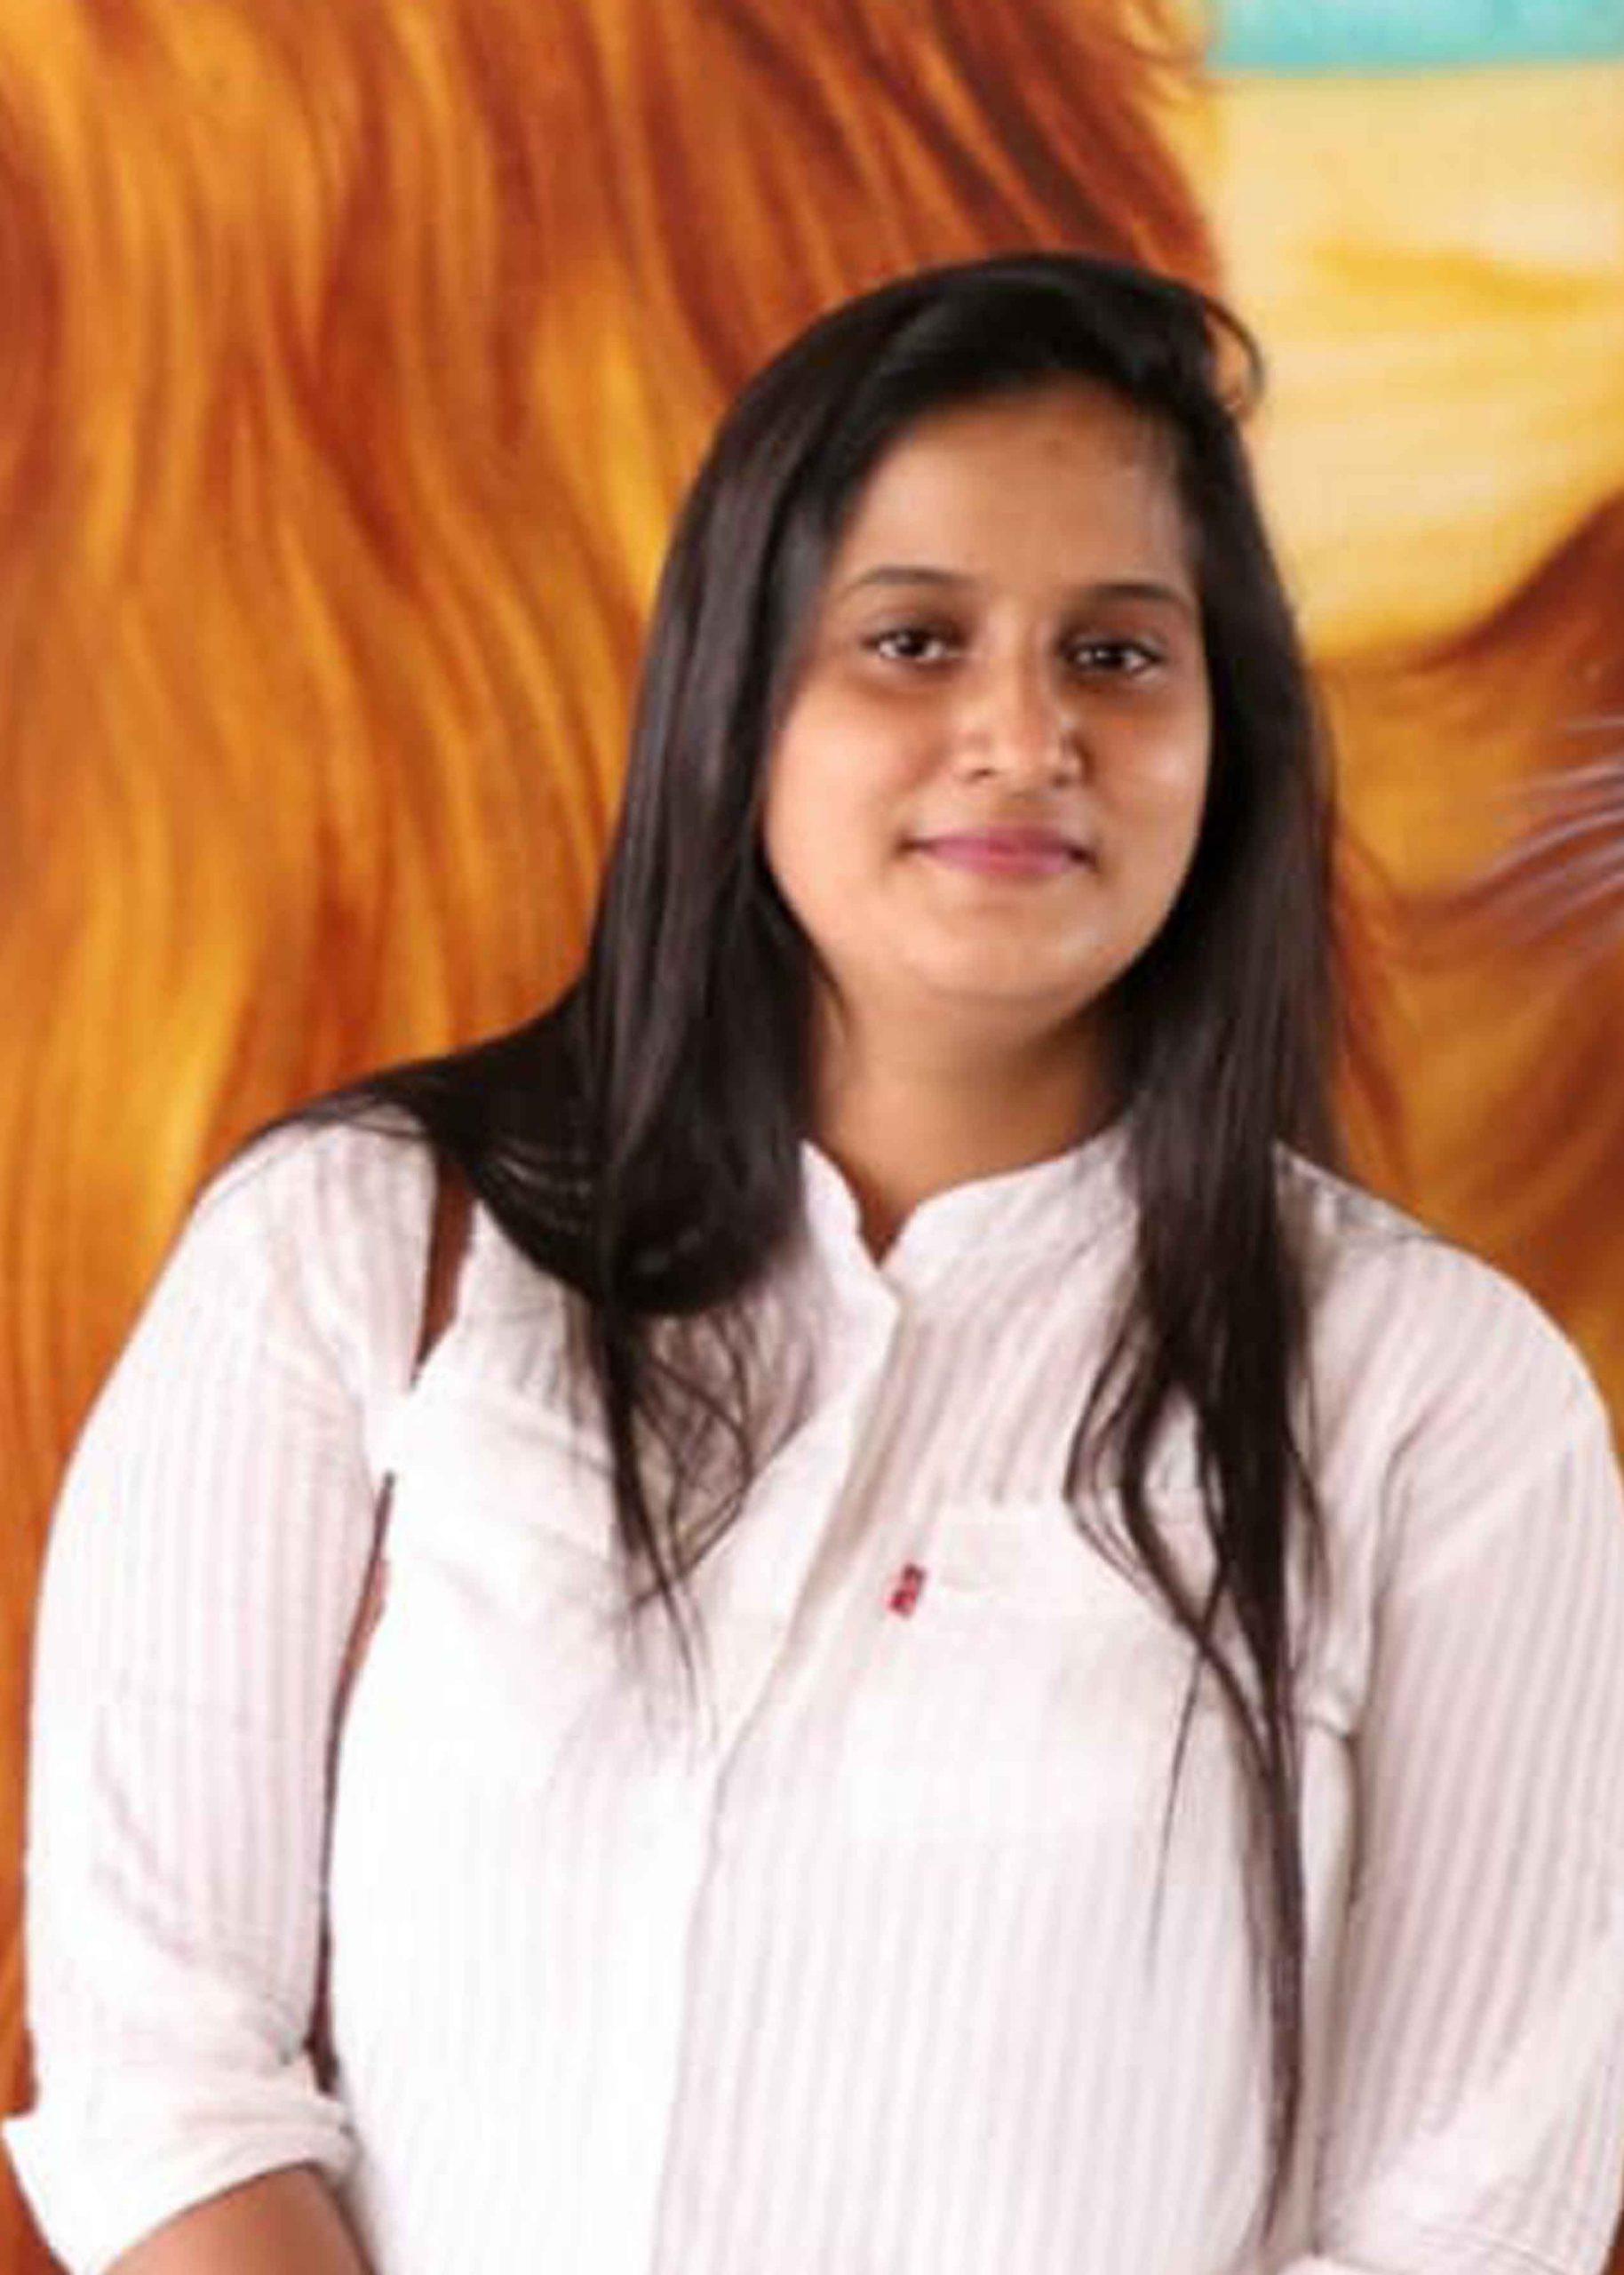 Duneesha Mihirani